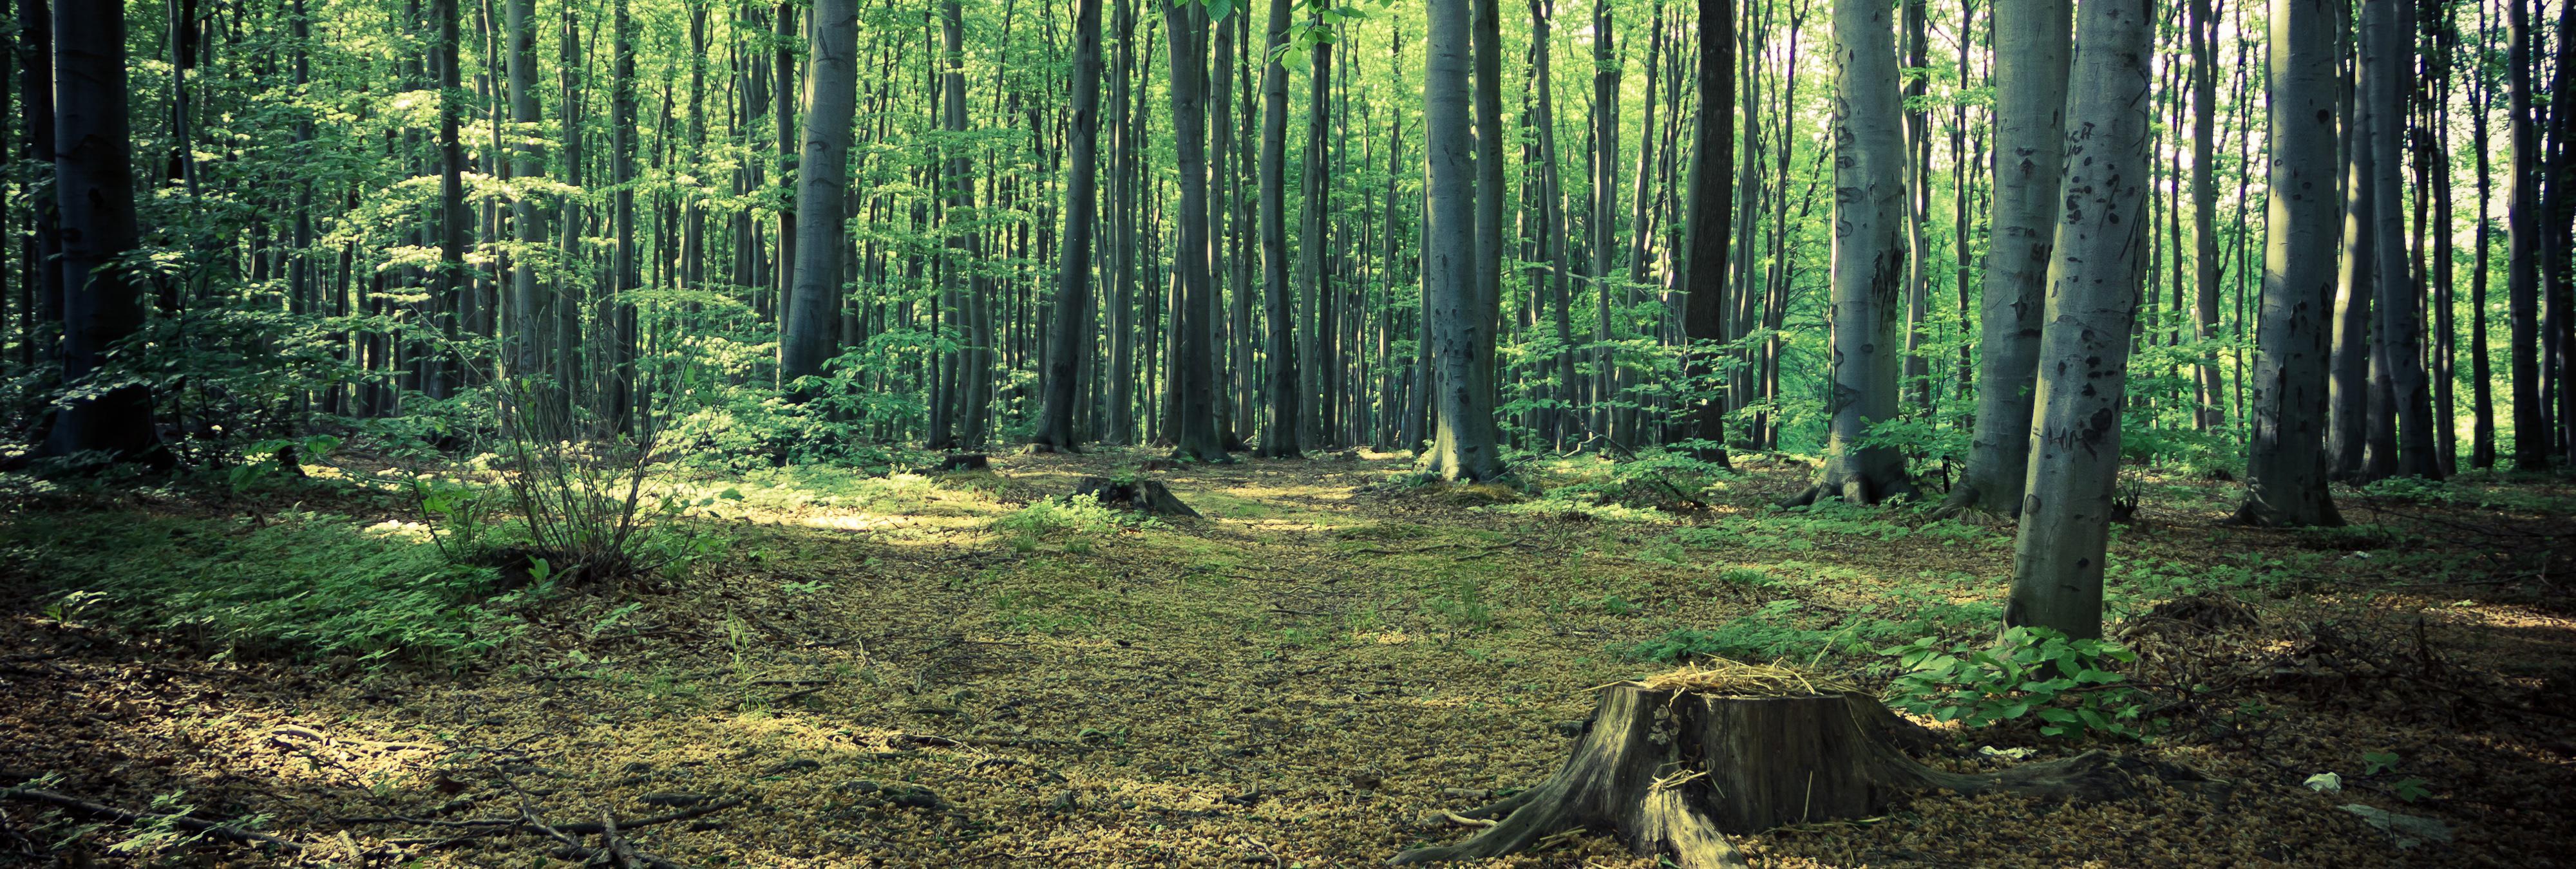 Pasa una década viviendo a la intemperie en un bosque para no tener que ver a su mujer